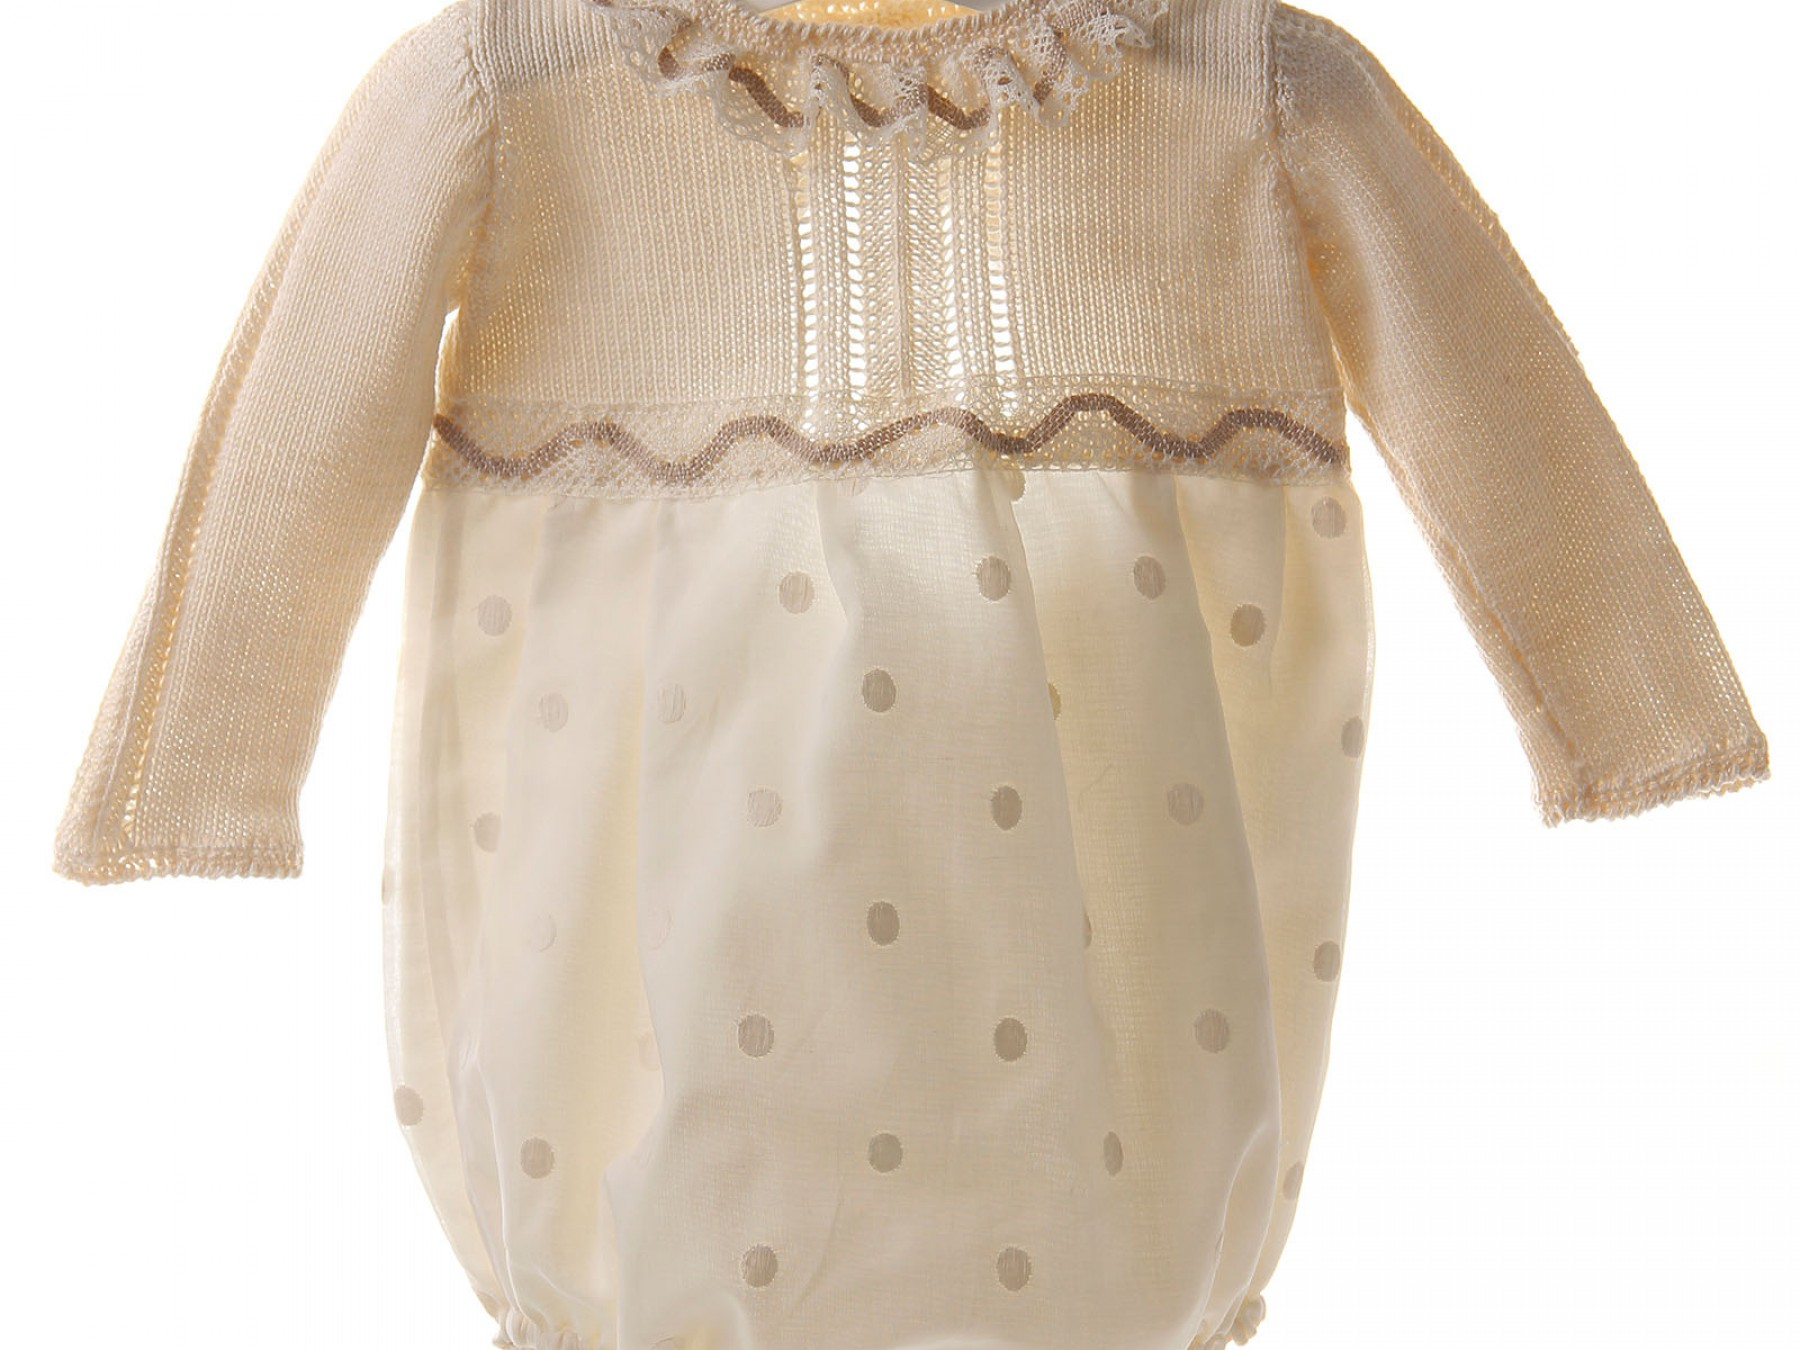 Ranita de ceremonia y bautizo de muselina bordada y cuerpo de algodón